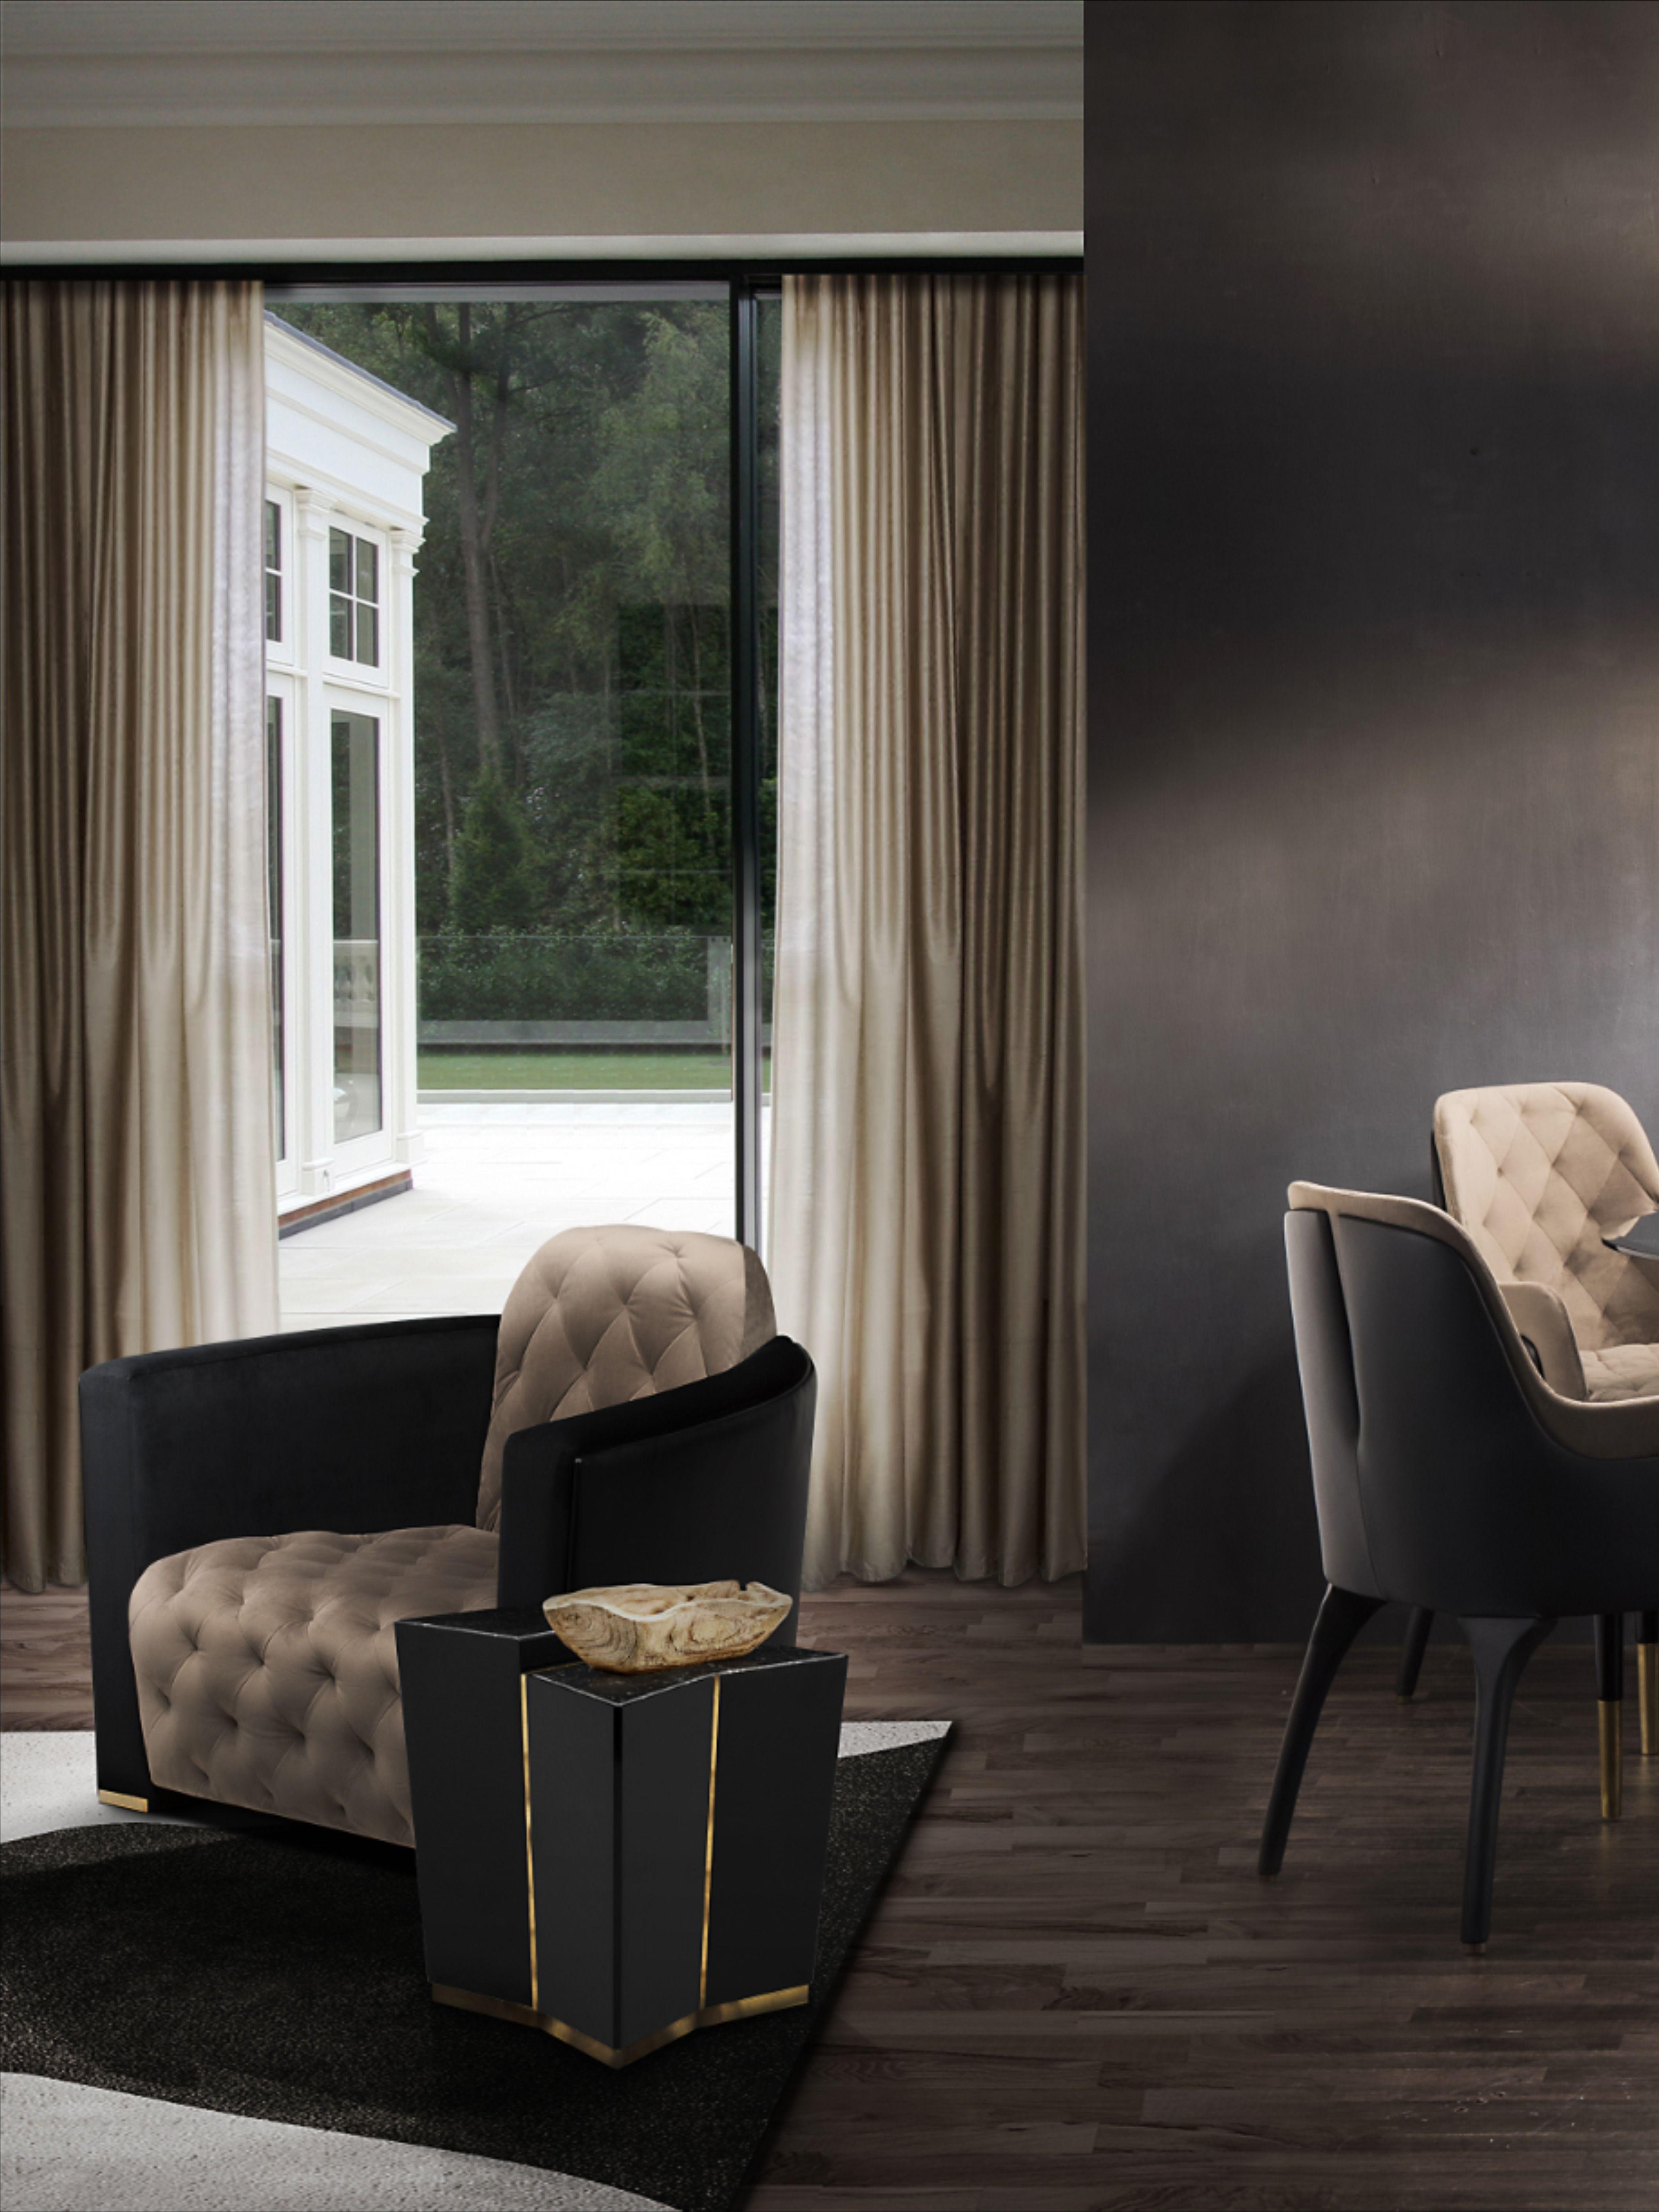 Find out more at luxxu.net #luxxumoderndesignliving #lifestylebyluxxu #luxury #luxurydesign #luxuryfurniture #furnituredesign #furniture #moderndesign #designinspiration #designinspo #luxuriouslifestyle #interiordesign #modernlamps #luxurylamps #luxurychandeliers #homedecor #homedecoration #homedecorating #homedecore #homedecorations #homedecorideas #homedecorlovers #homedecorblogger #homedecors #homedecorator #homedecorinspo #homedecorationideas #homedecorate #homedecorinspiration #entryway